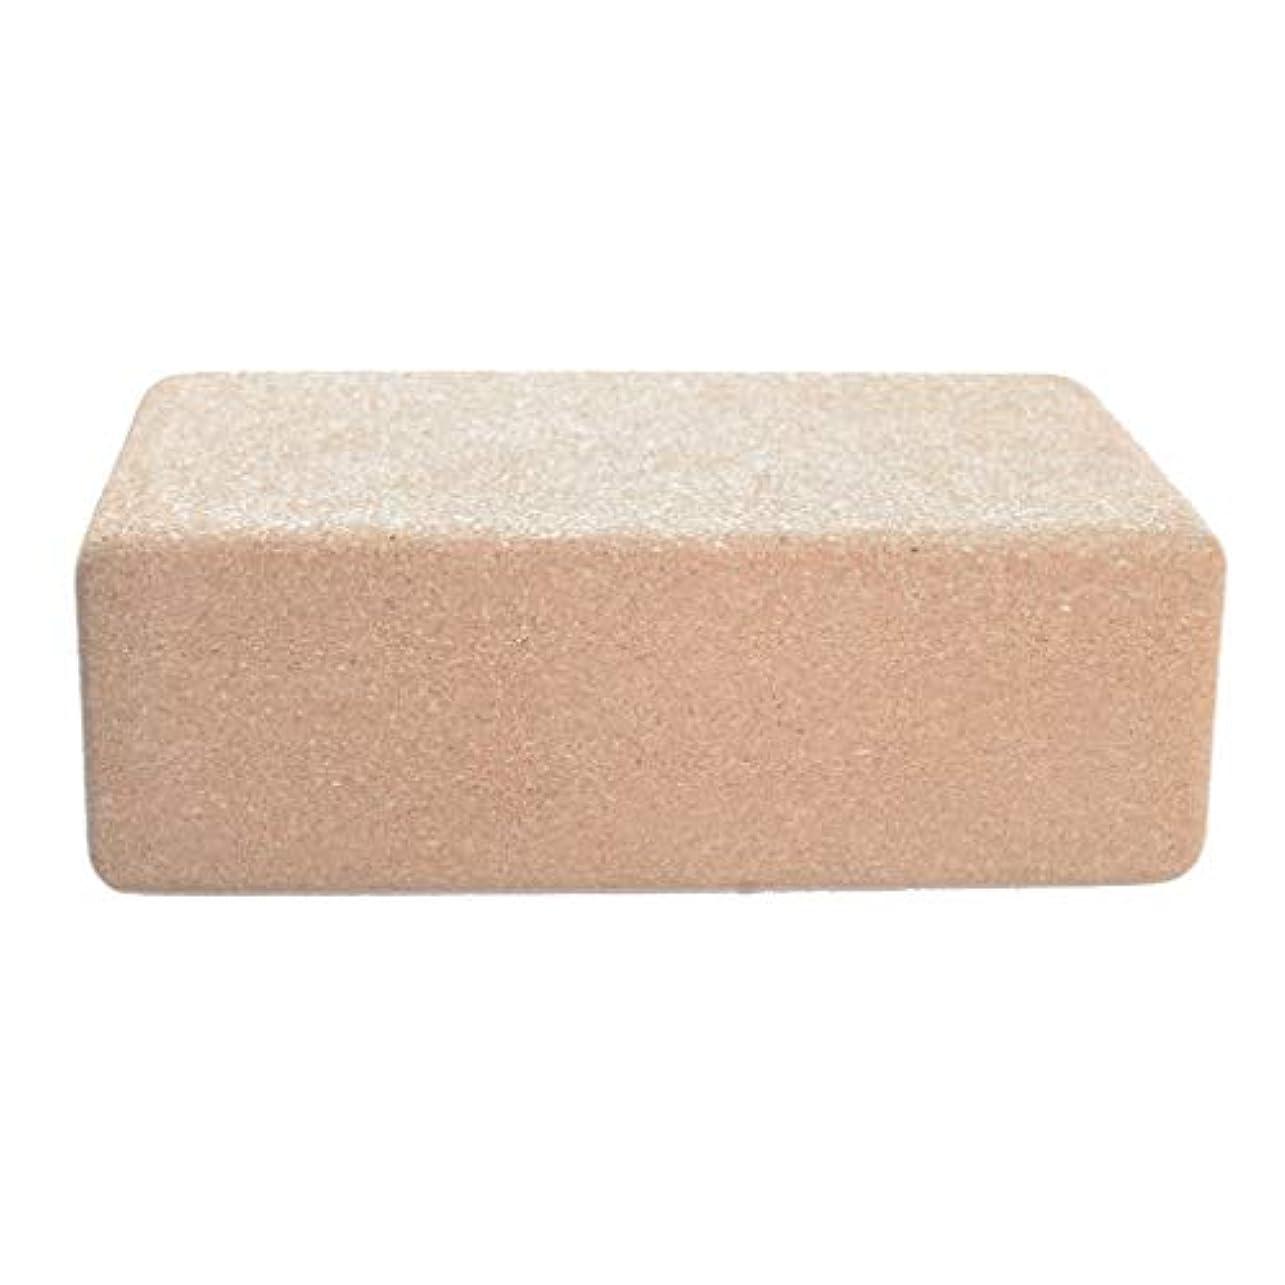 香りジェームズダイソン公式KOROWA バックサポート ヨガ初心者 ブロックソフト 木製 ノンスリップ 臭気耐性防湿 ブロックレンガ